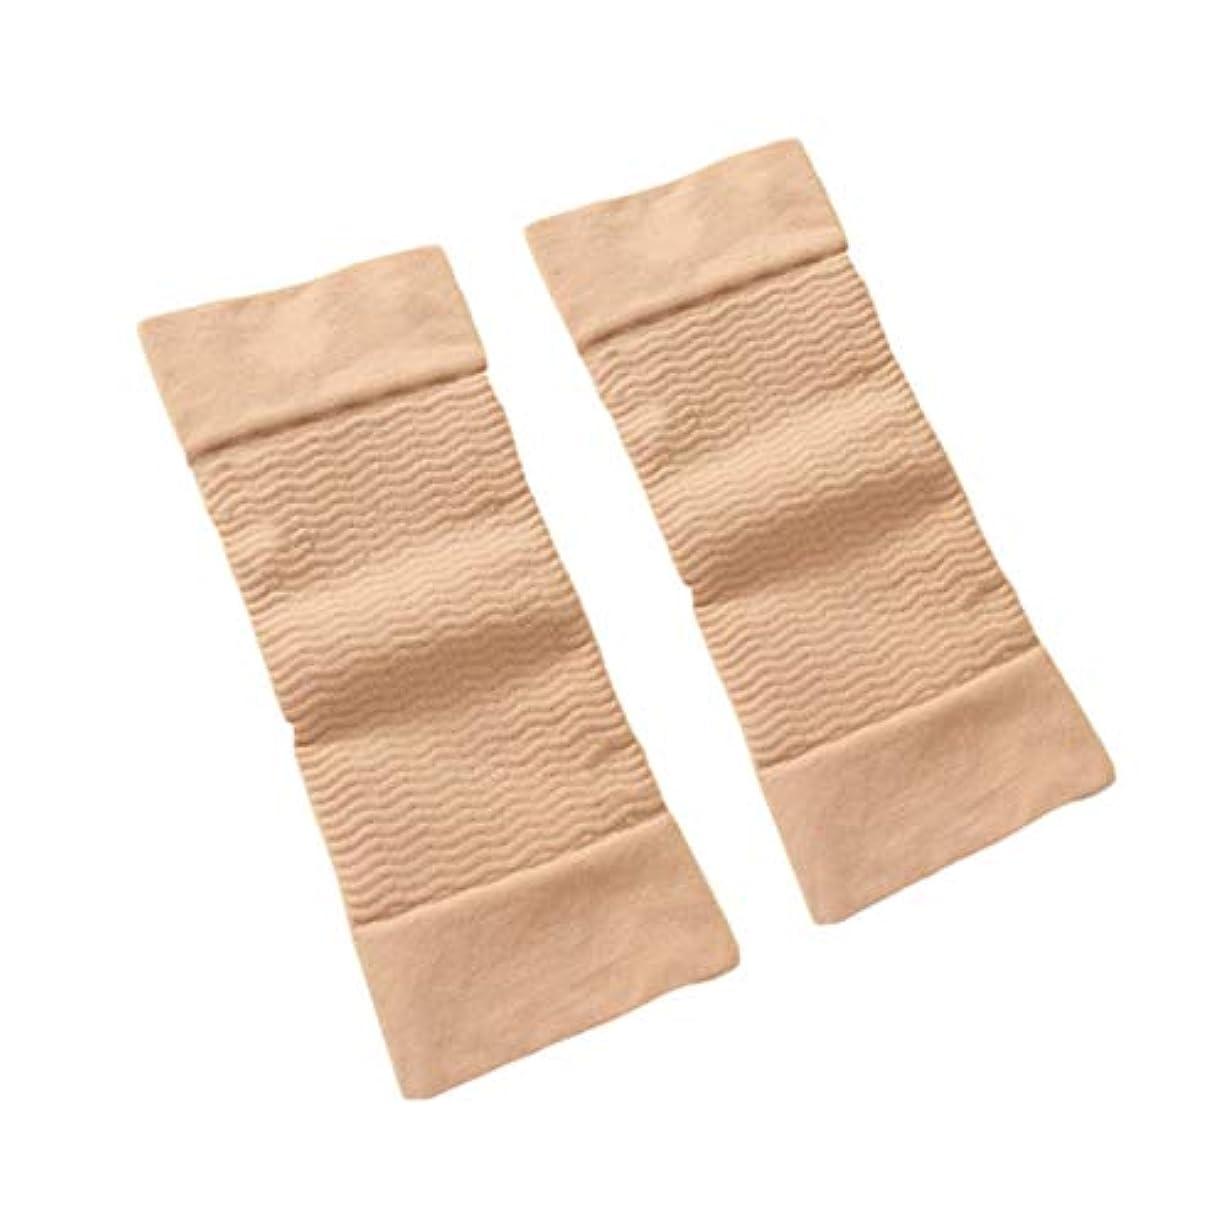 発送再生的多様性1ペア420 D圧縮痩身アームスリーブワークアウトトーニングバーンセルライトシェイパー脂肪燃焼袖用女性 - 肌色